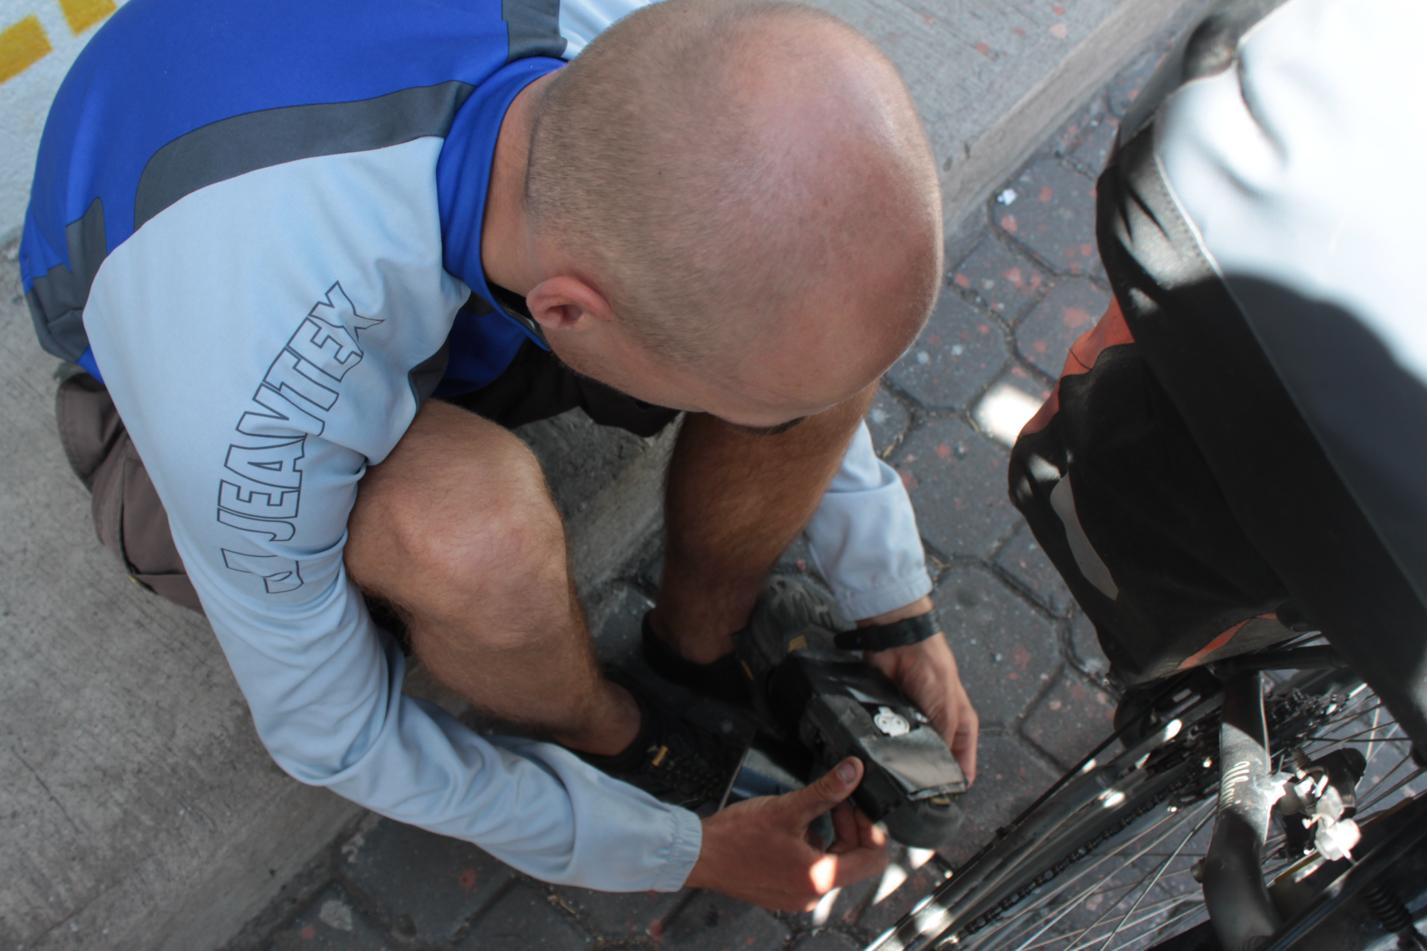 Professionelle Schuhreparatur. Eine Rolle Klebeband gehört zu unserem wichtigstem Reparaturmitteln. Damit kriegt man einfach alles wieder ganz. Löcher in den Taschen, zum Abdichten von zu großen Löchern am Fahrradreifen und zum Reparieren von Schuhen.